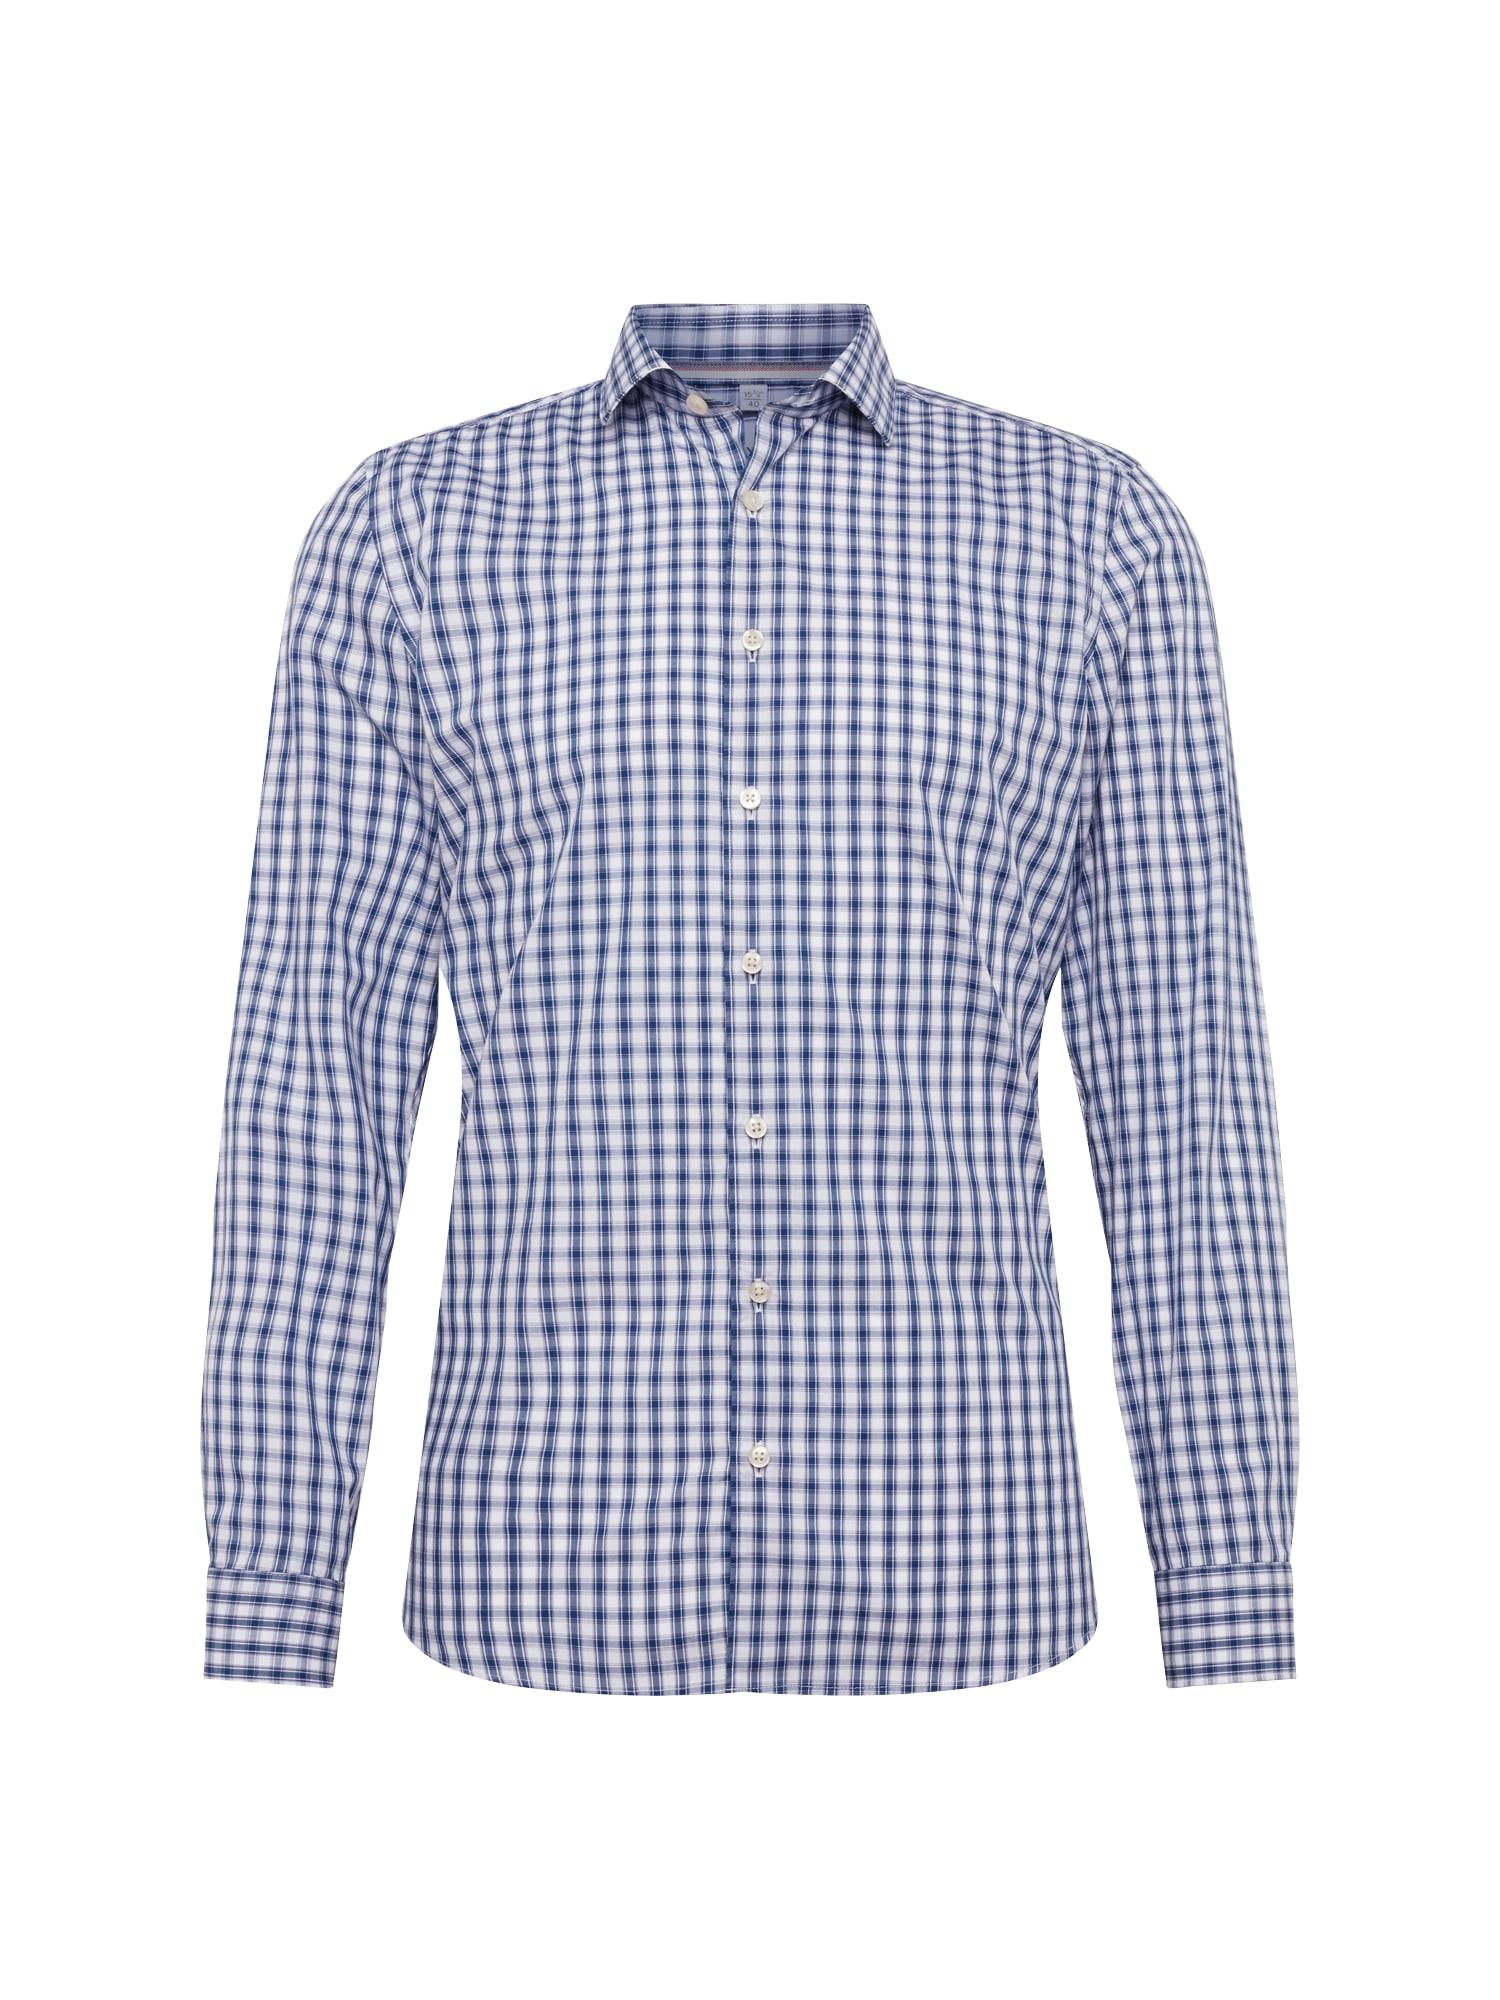 Košile Level 5 Smart Business Check modrá bílá OLYMP